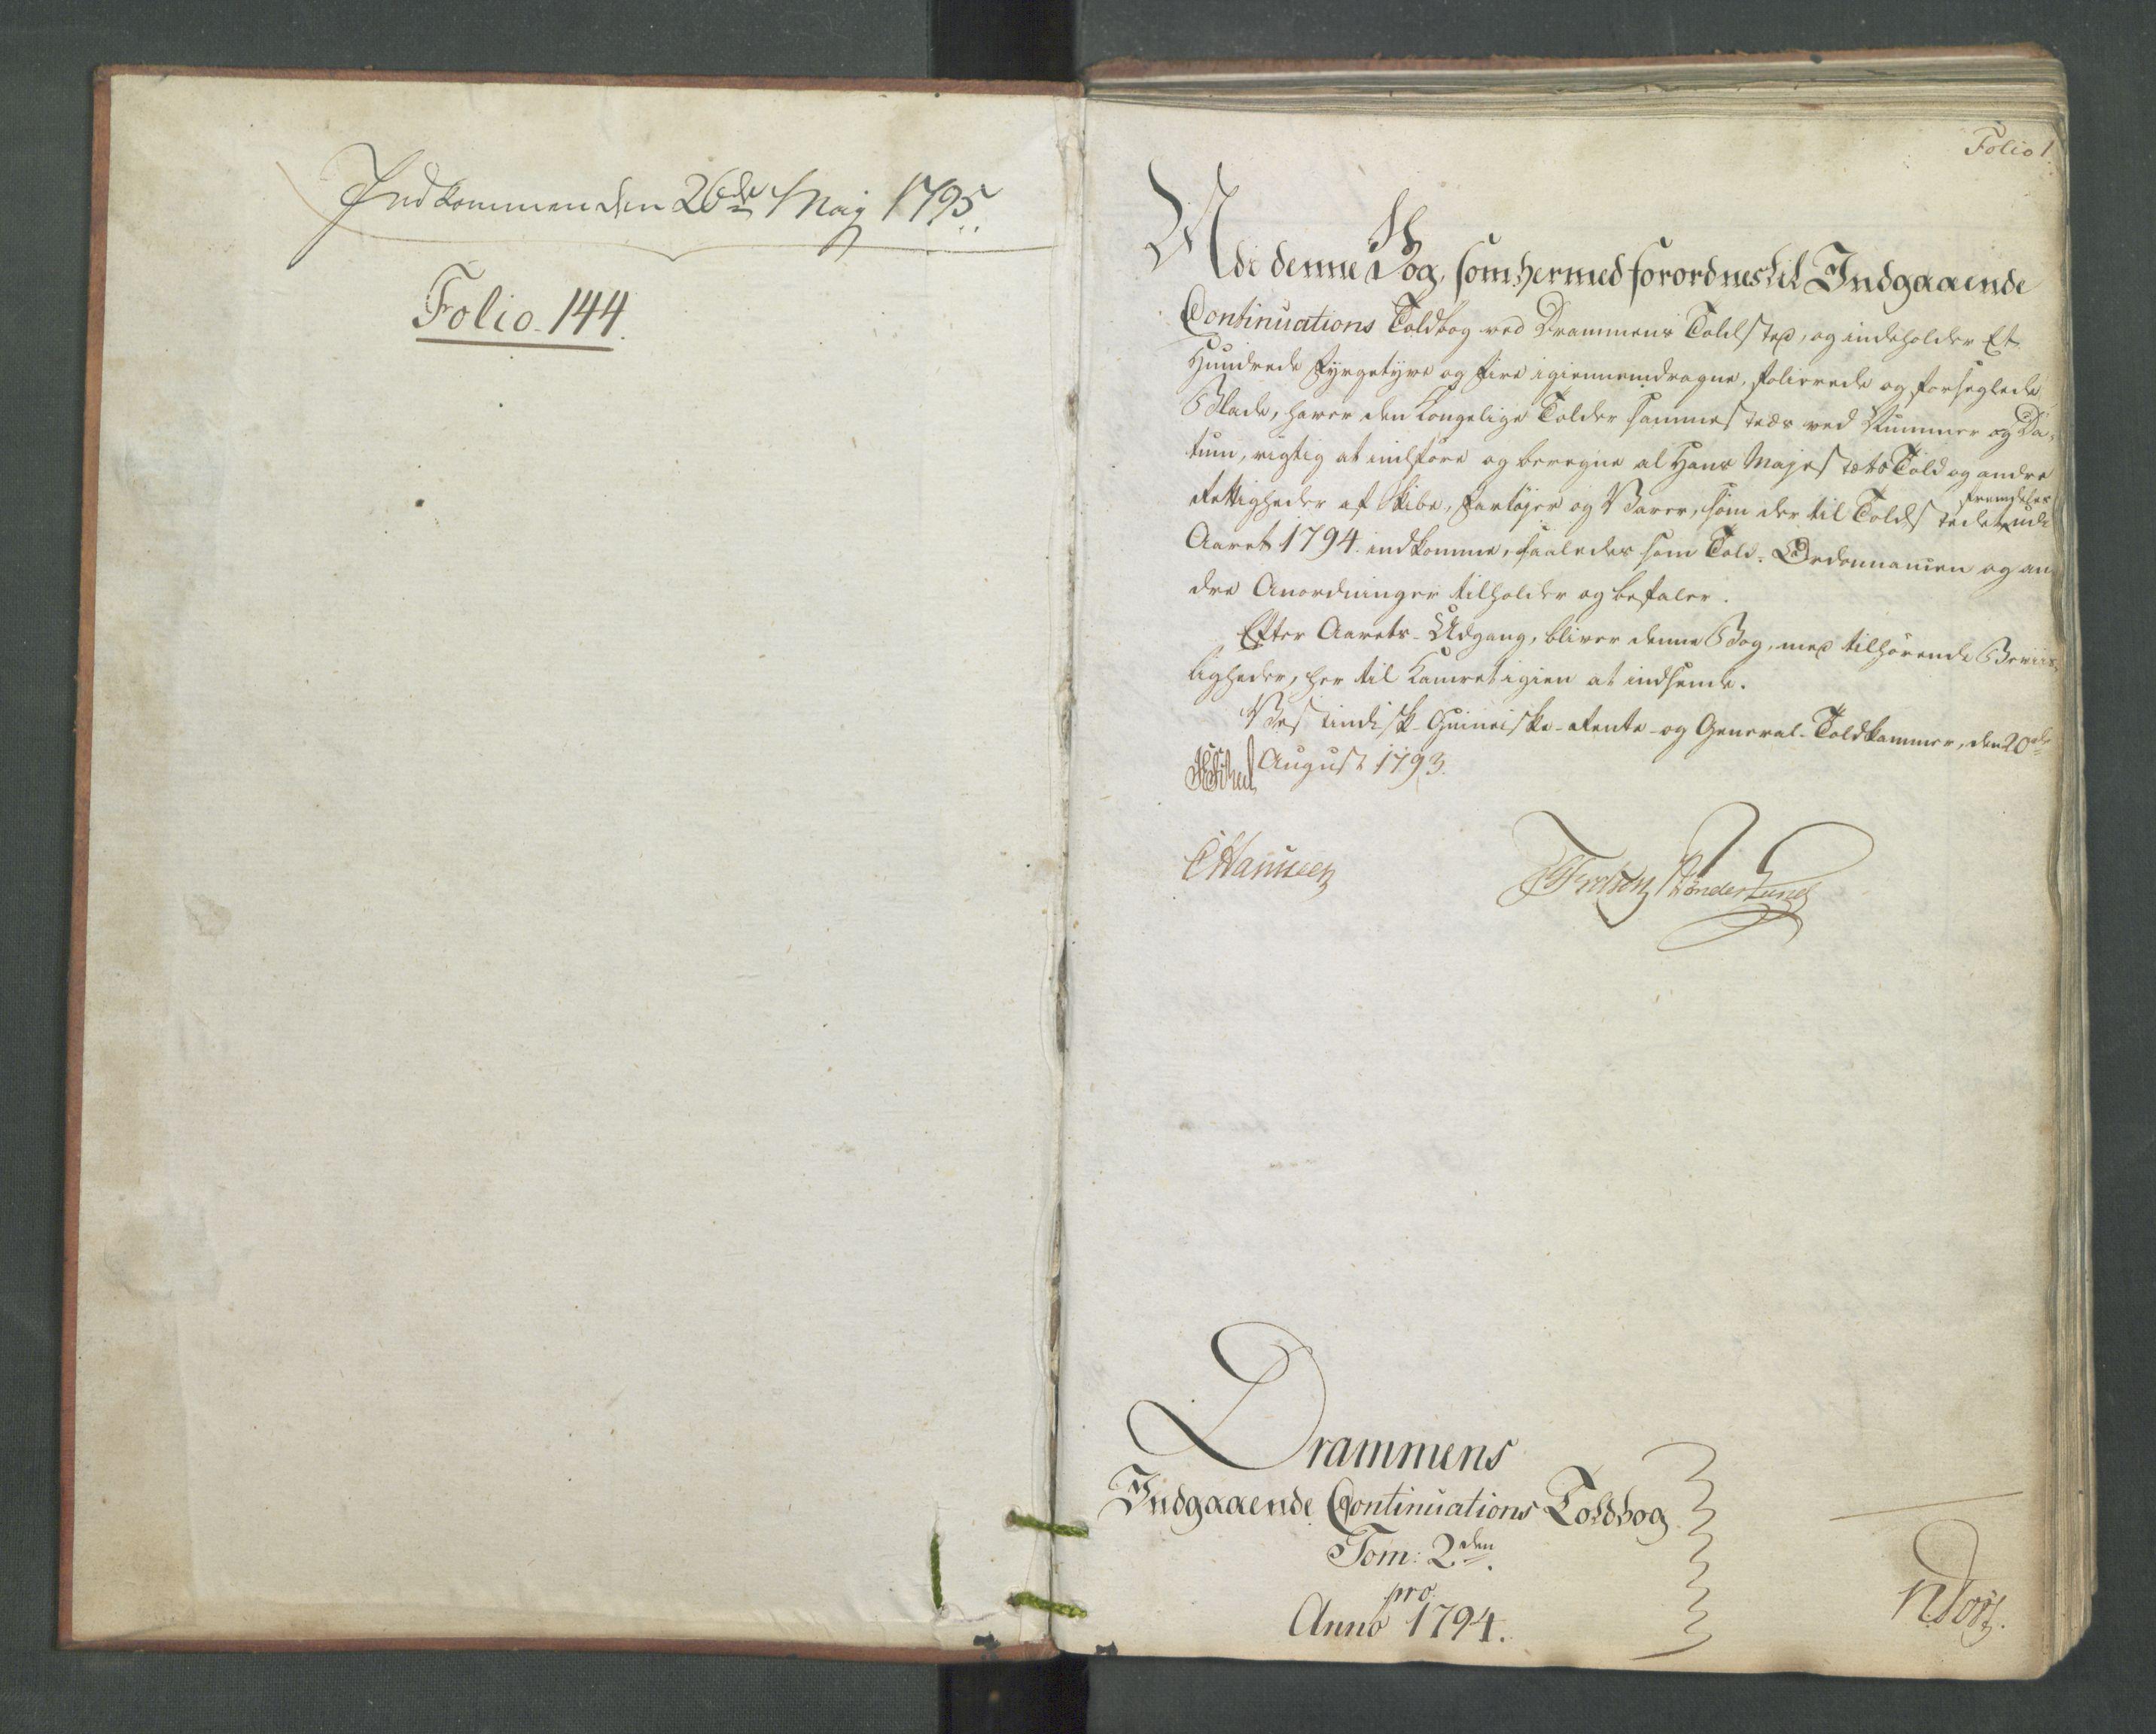 RA, Generaltollkammeret, tollregnskaper, R08/L0174: Tollregnskaper Drammen, 1794, s. 1a